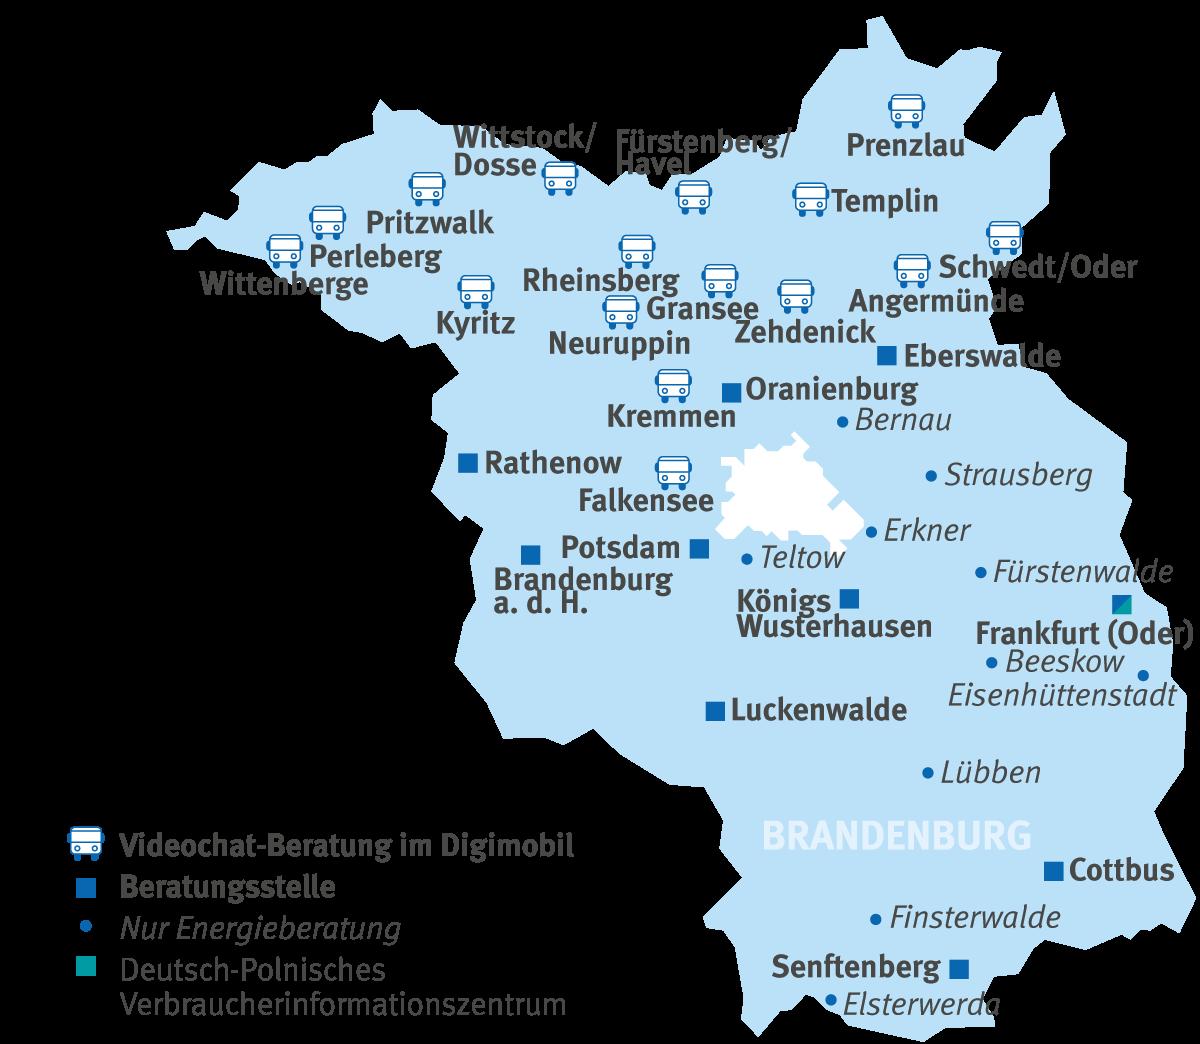 Karte des Landes Brandenburg mit den Standorten des Digimobils der VZ Brandenburg